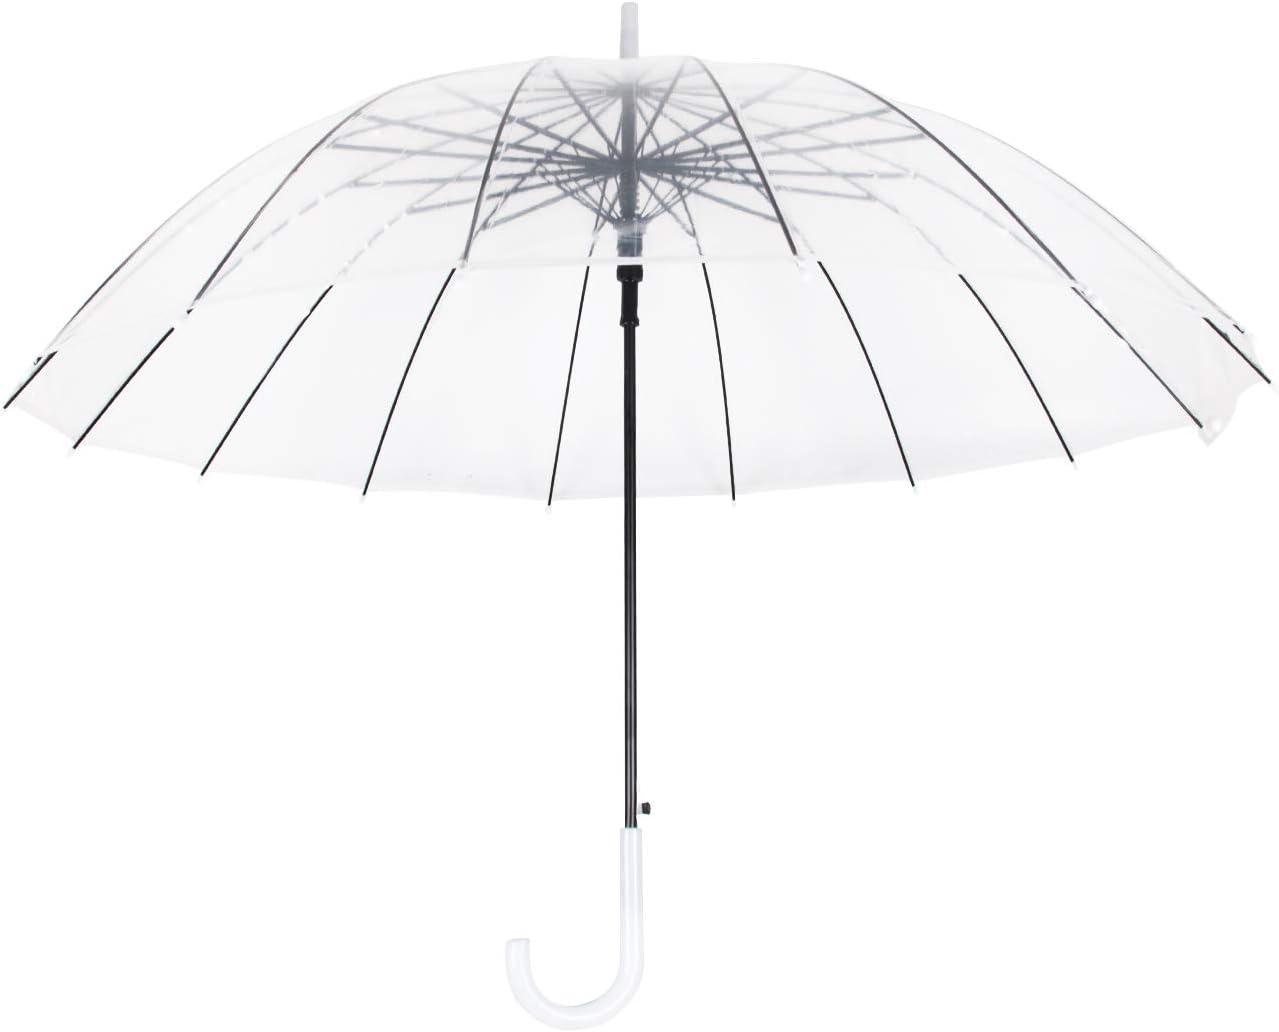 Lancoon Paraguas Cúpula Transparente Mujer, 16 Costillas De Fibra De Vidrio TamañO Grande A Prueba De Viento AutomáTico Abierto KS10White